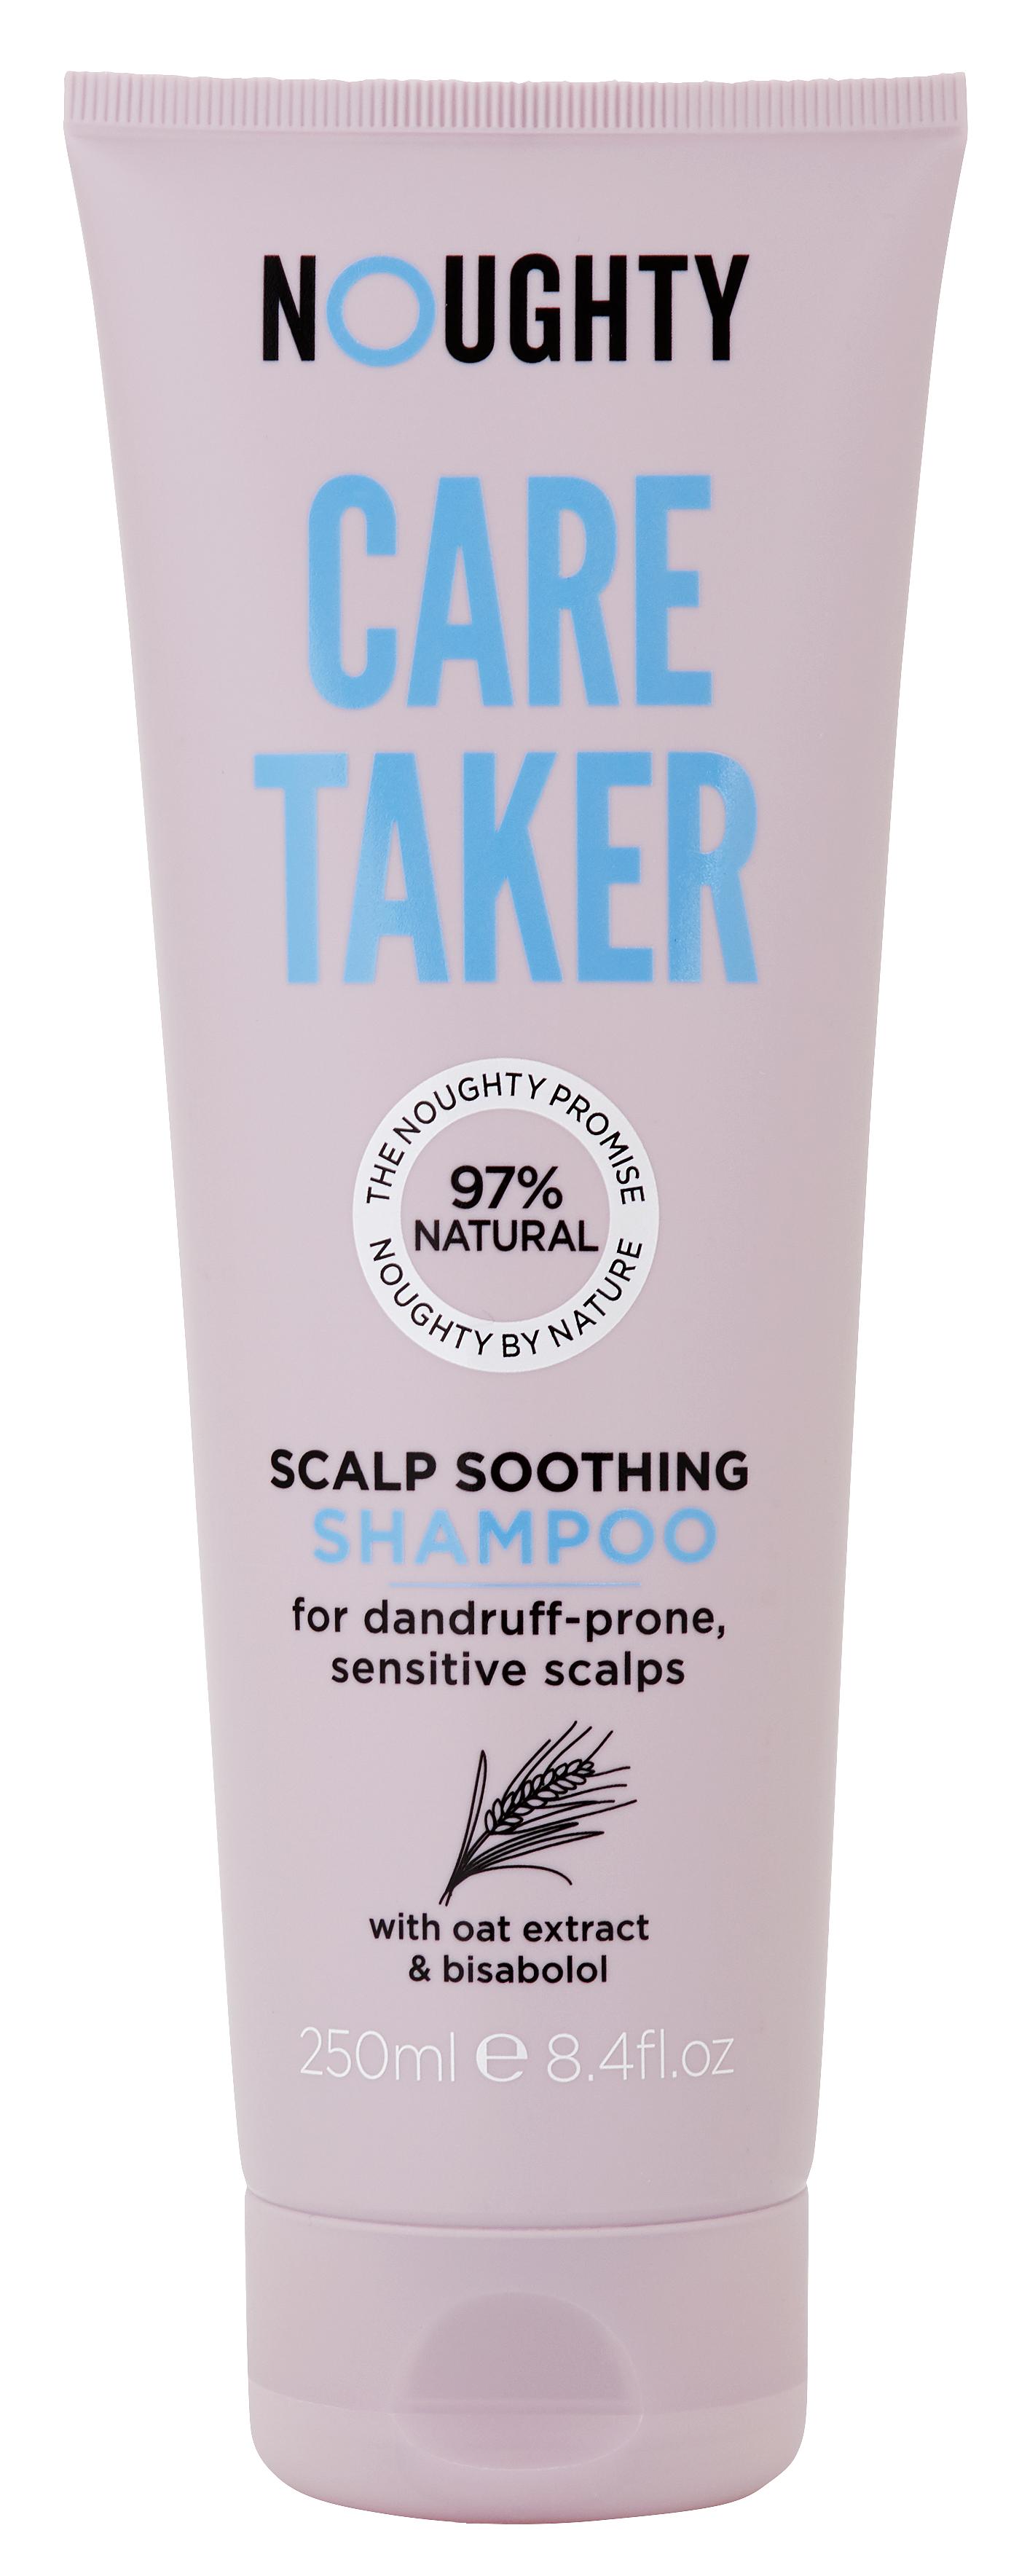 Care Taker Shampoo 250ml